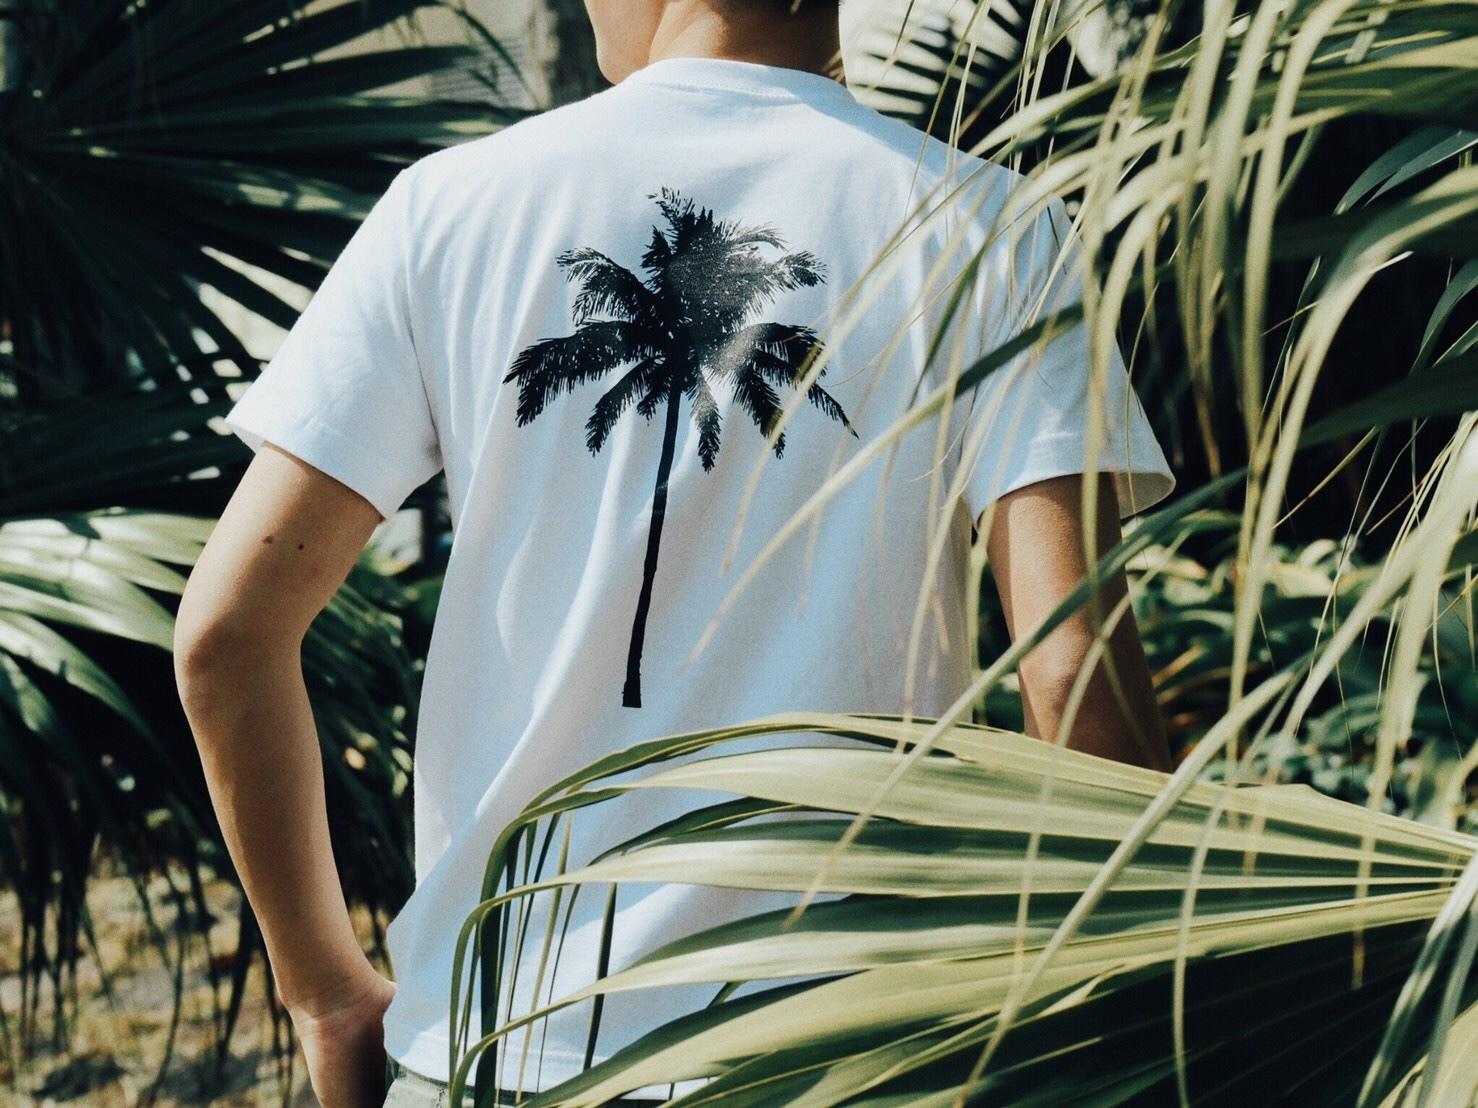 【7/10 21:00再入荷】(Fine7月号掲載) Palm tree Tシャツ (white)